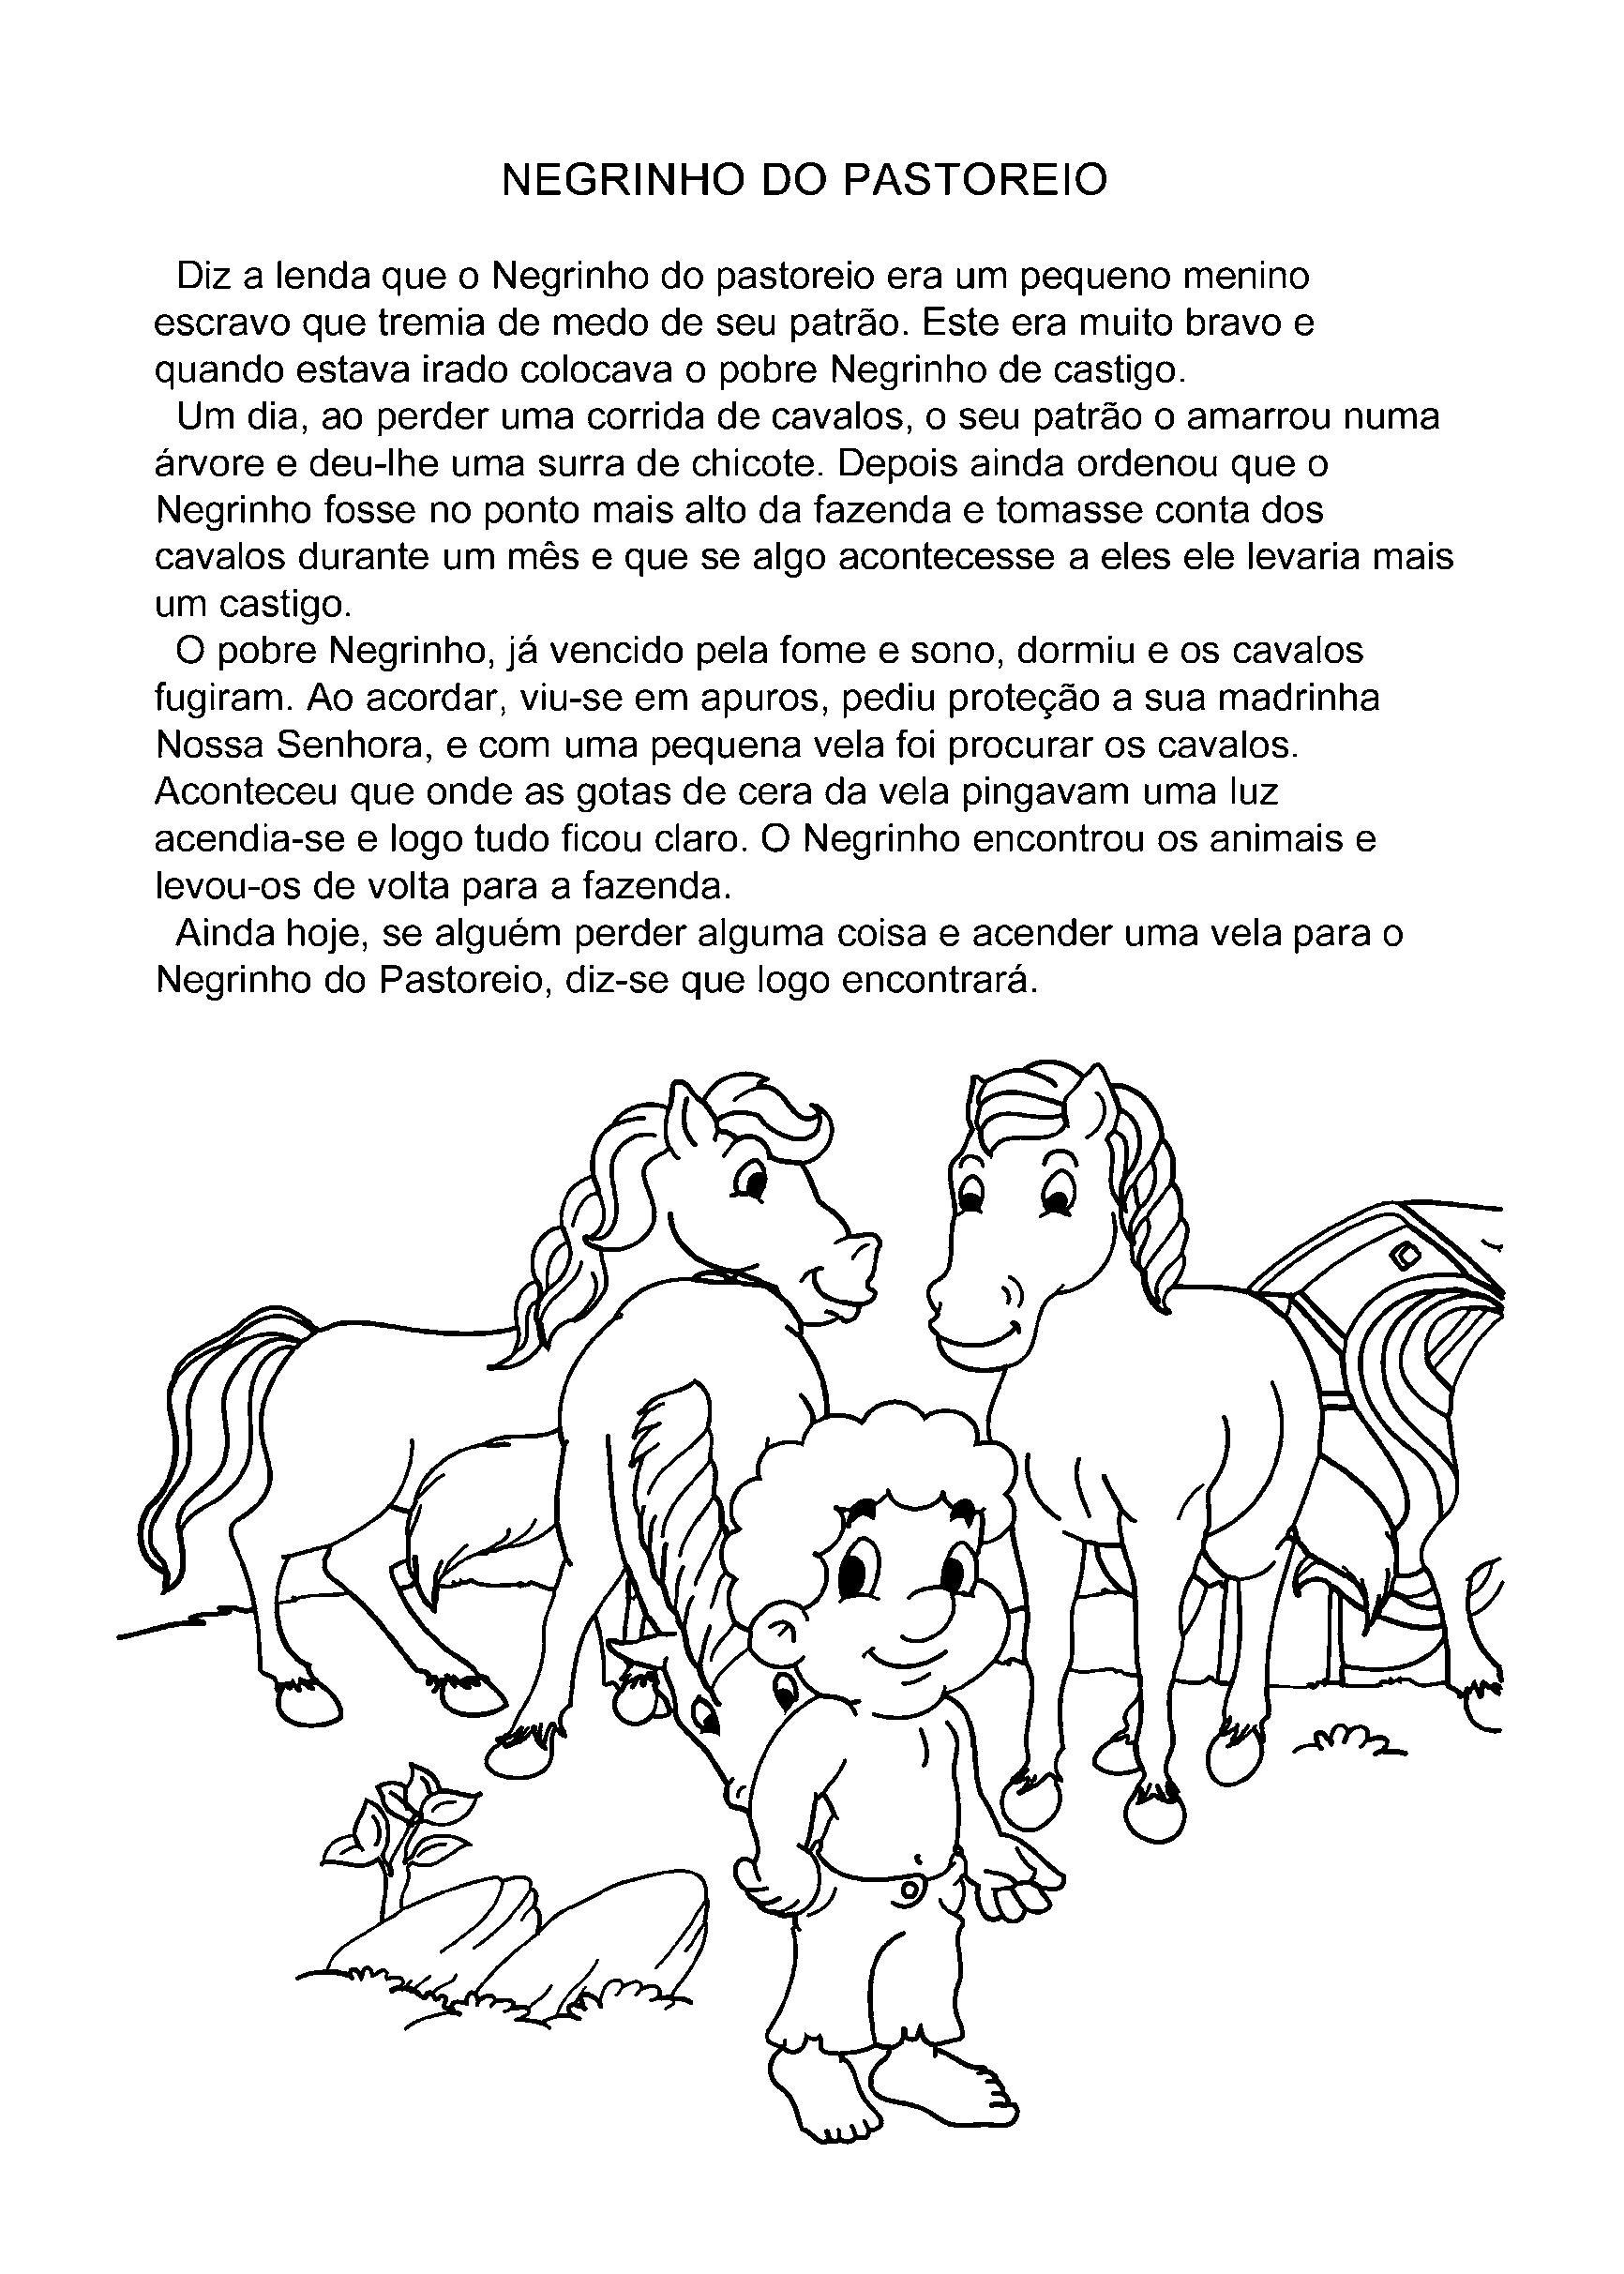 0252-folclore-lendas-negrinho-pastoreiro